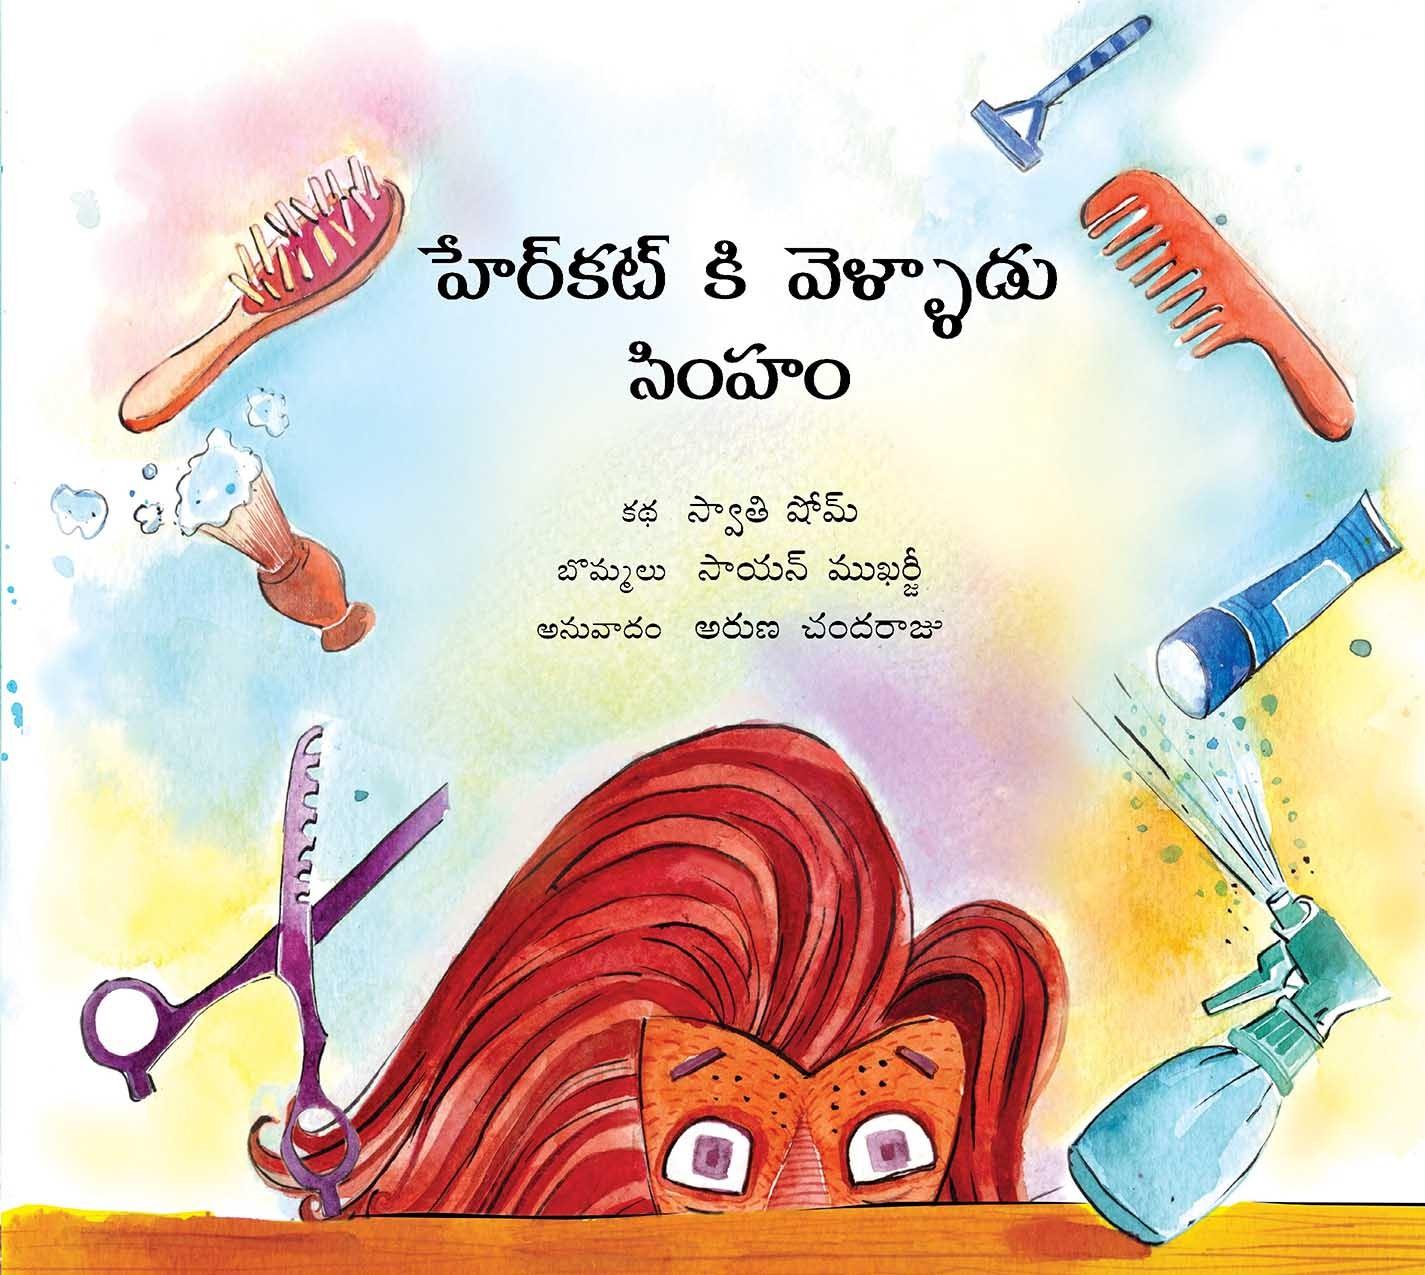 Lion Goes for a Haircut/Haircut Ki Vellaadu Simham (Telugu)